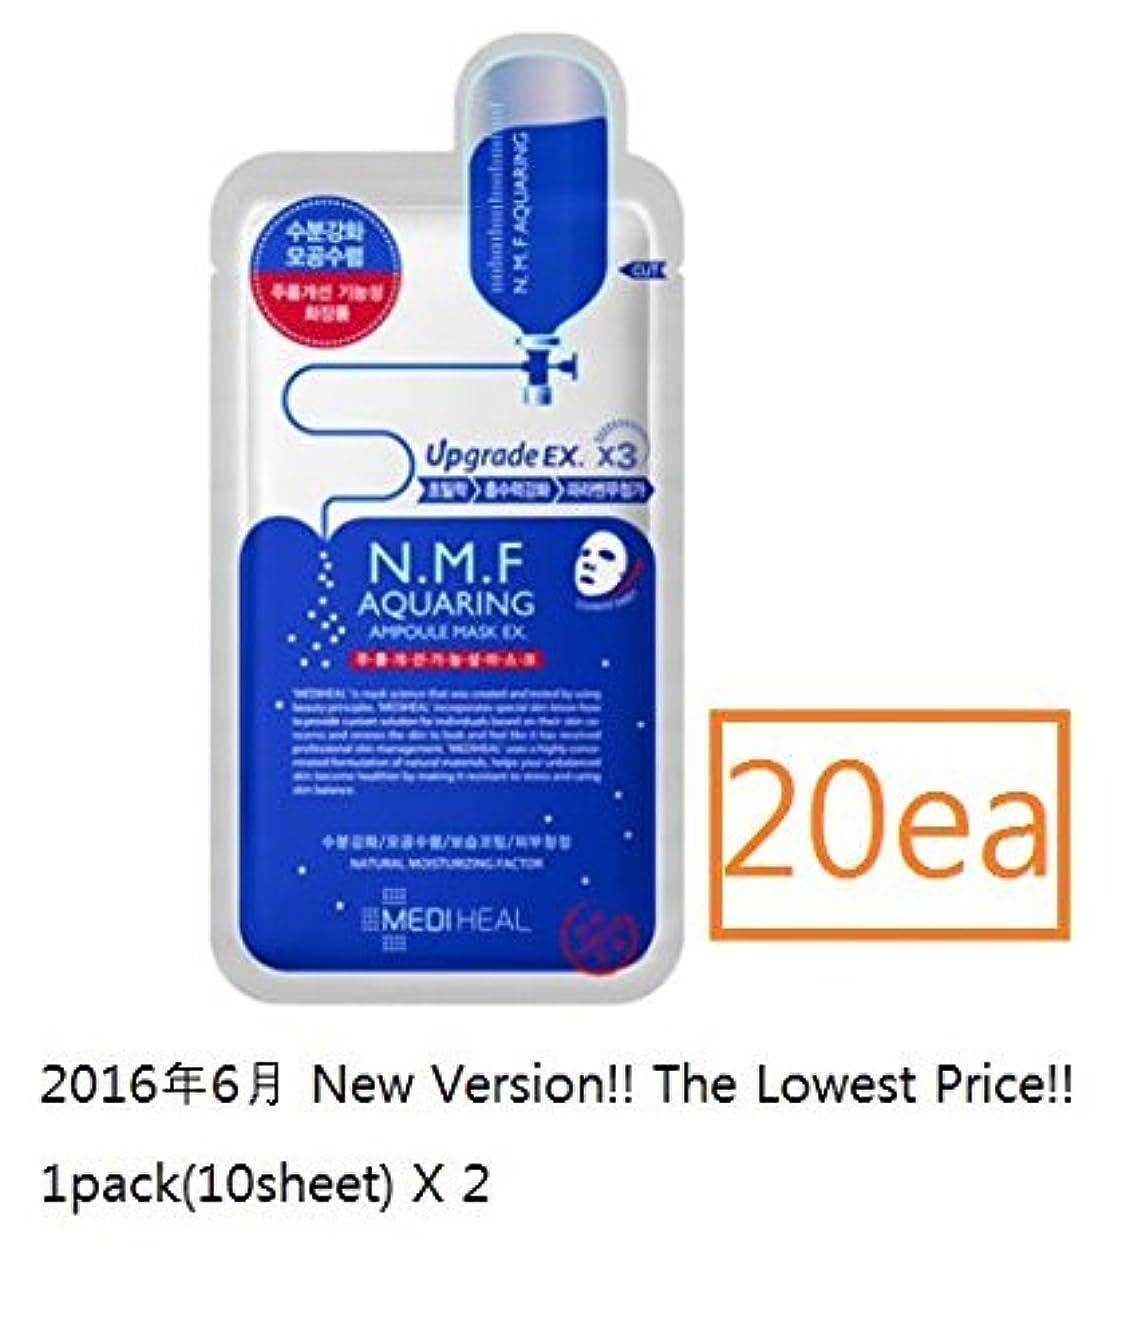 上回る首相間接的Mediheal メディヒール N.M.F アクアリング アンプル?マスクパック 10枚入り*2 (Aquaring Ampoule Essential Mask Pack 1box(10sheet)*2 [並行輸入品]